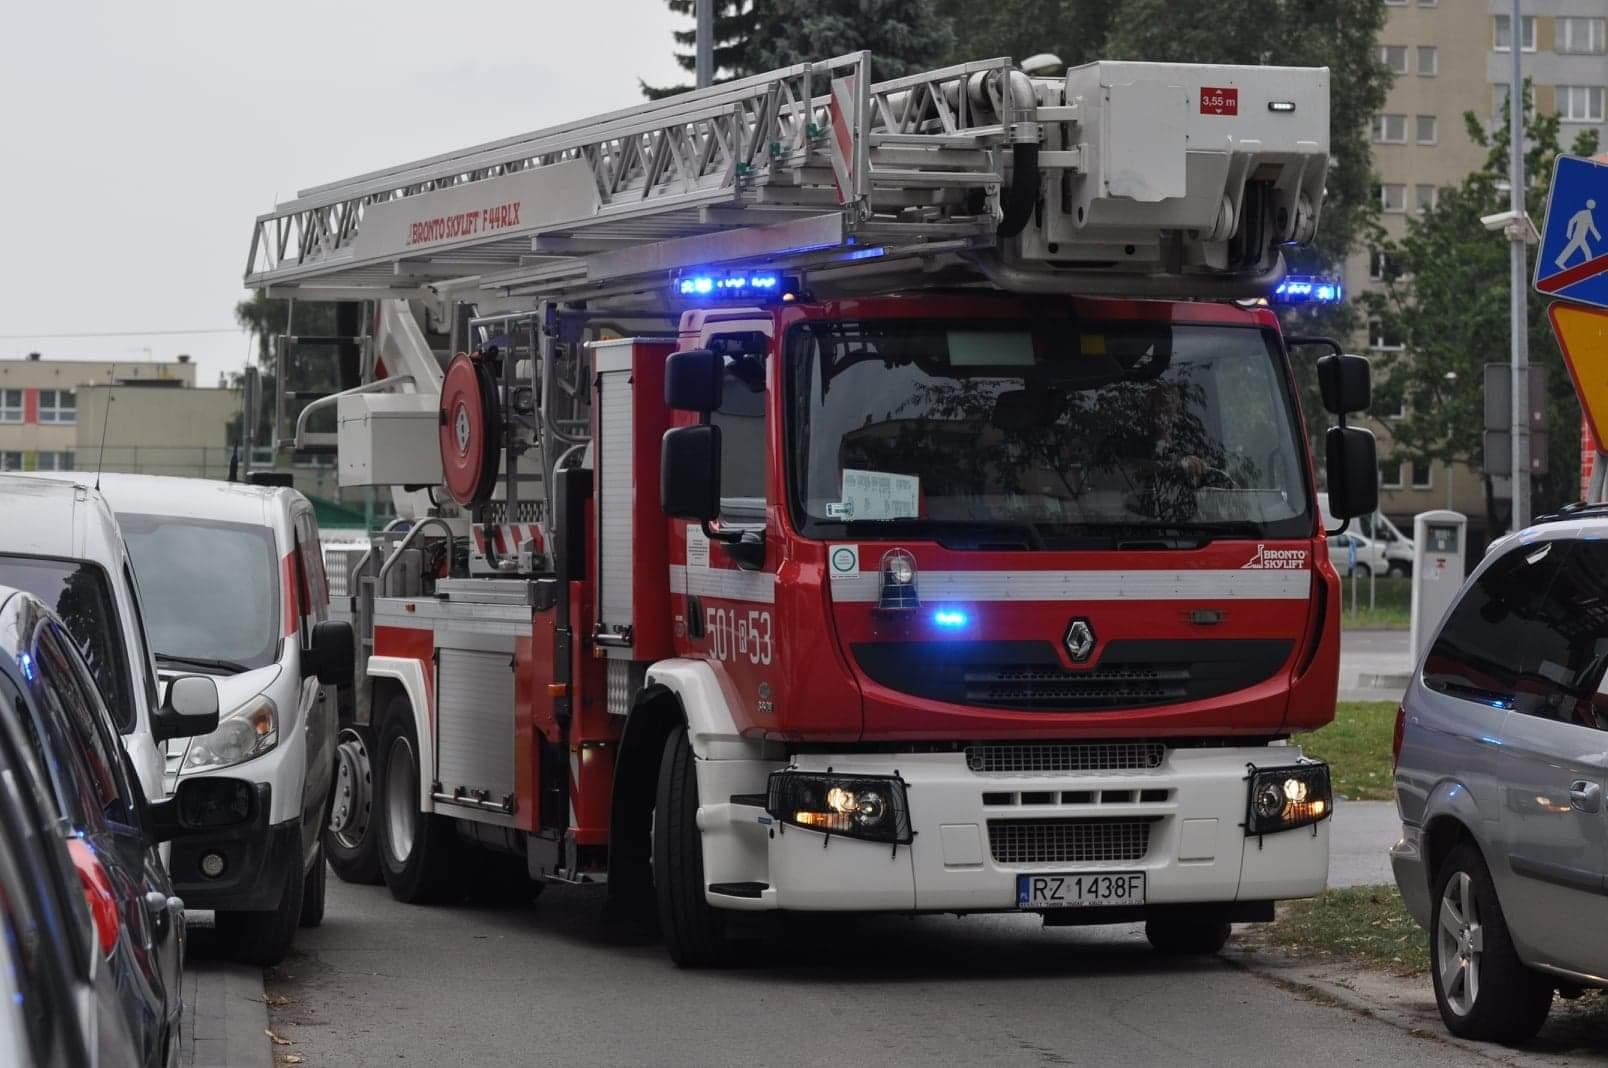 Fałszywy alarm pożarowy w Leroy Merlin - Zdjęcie główne